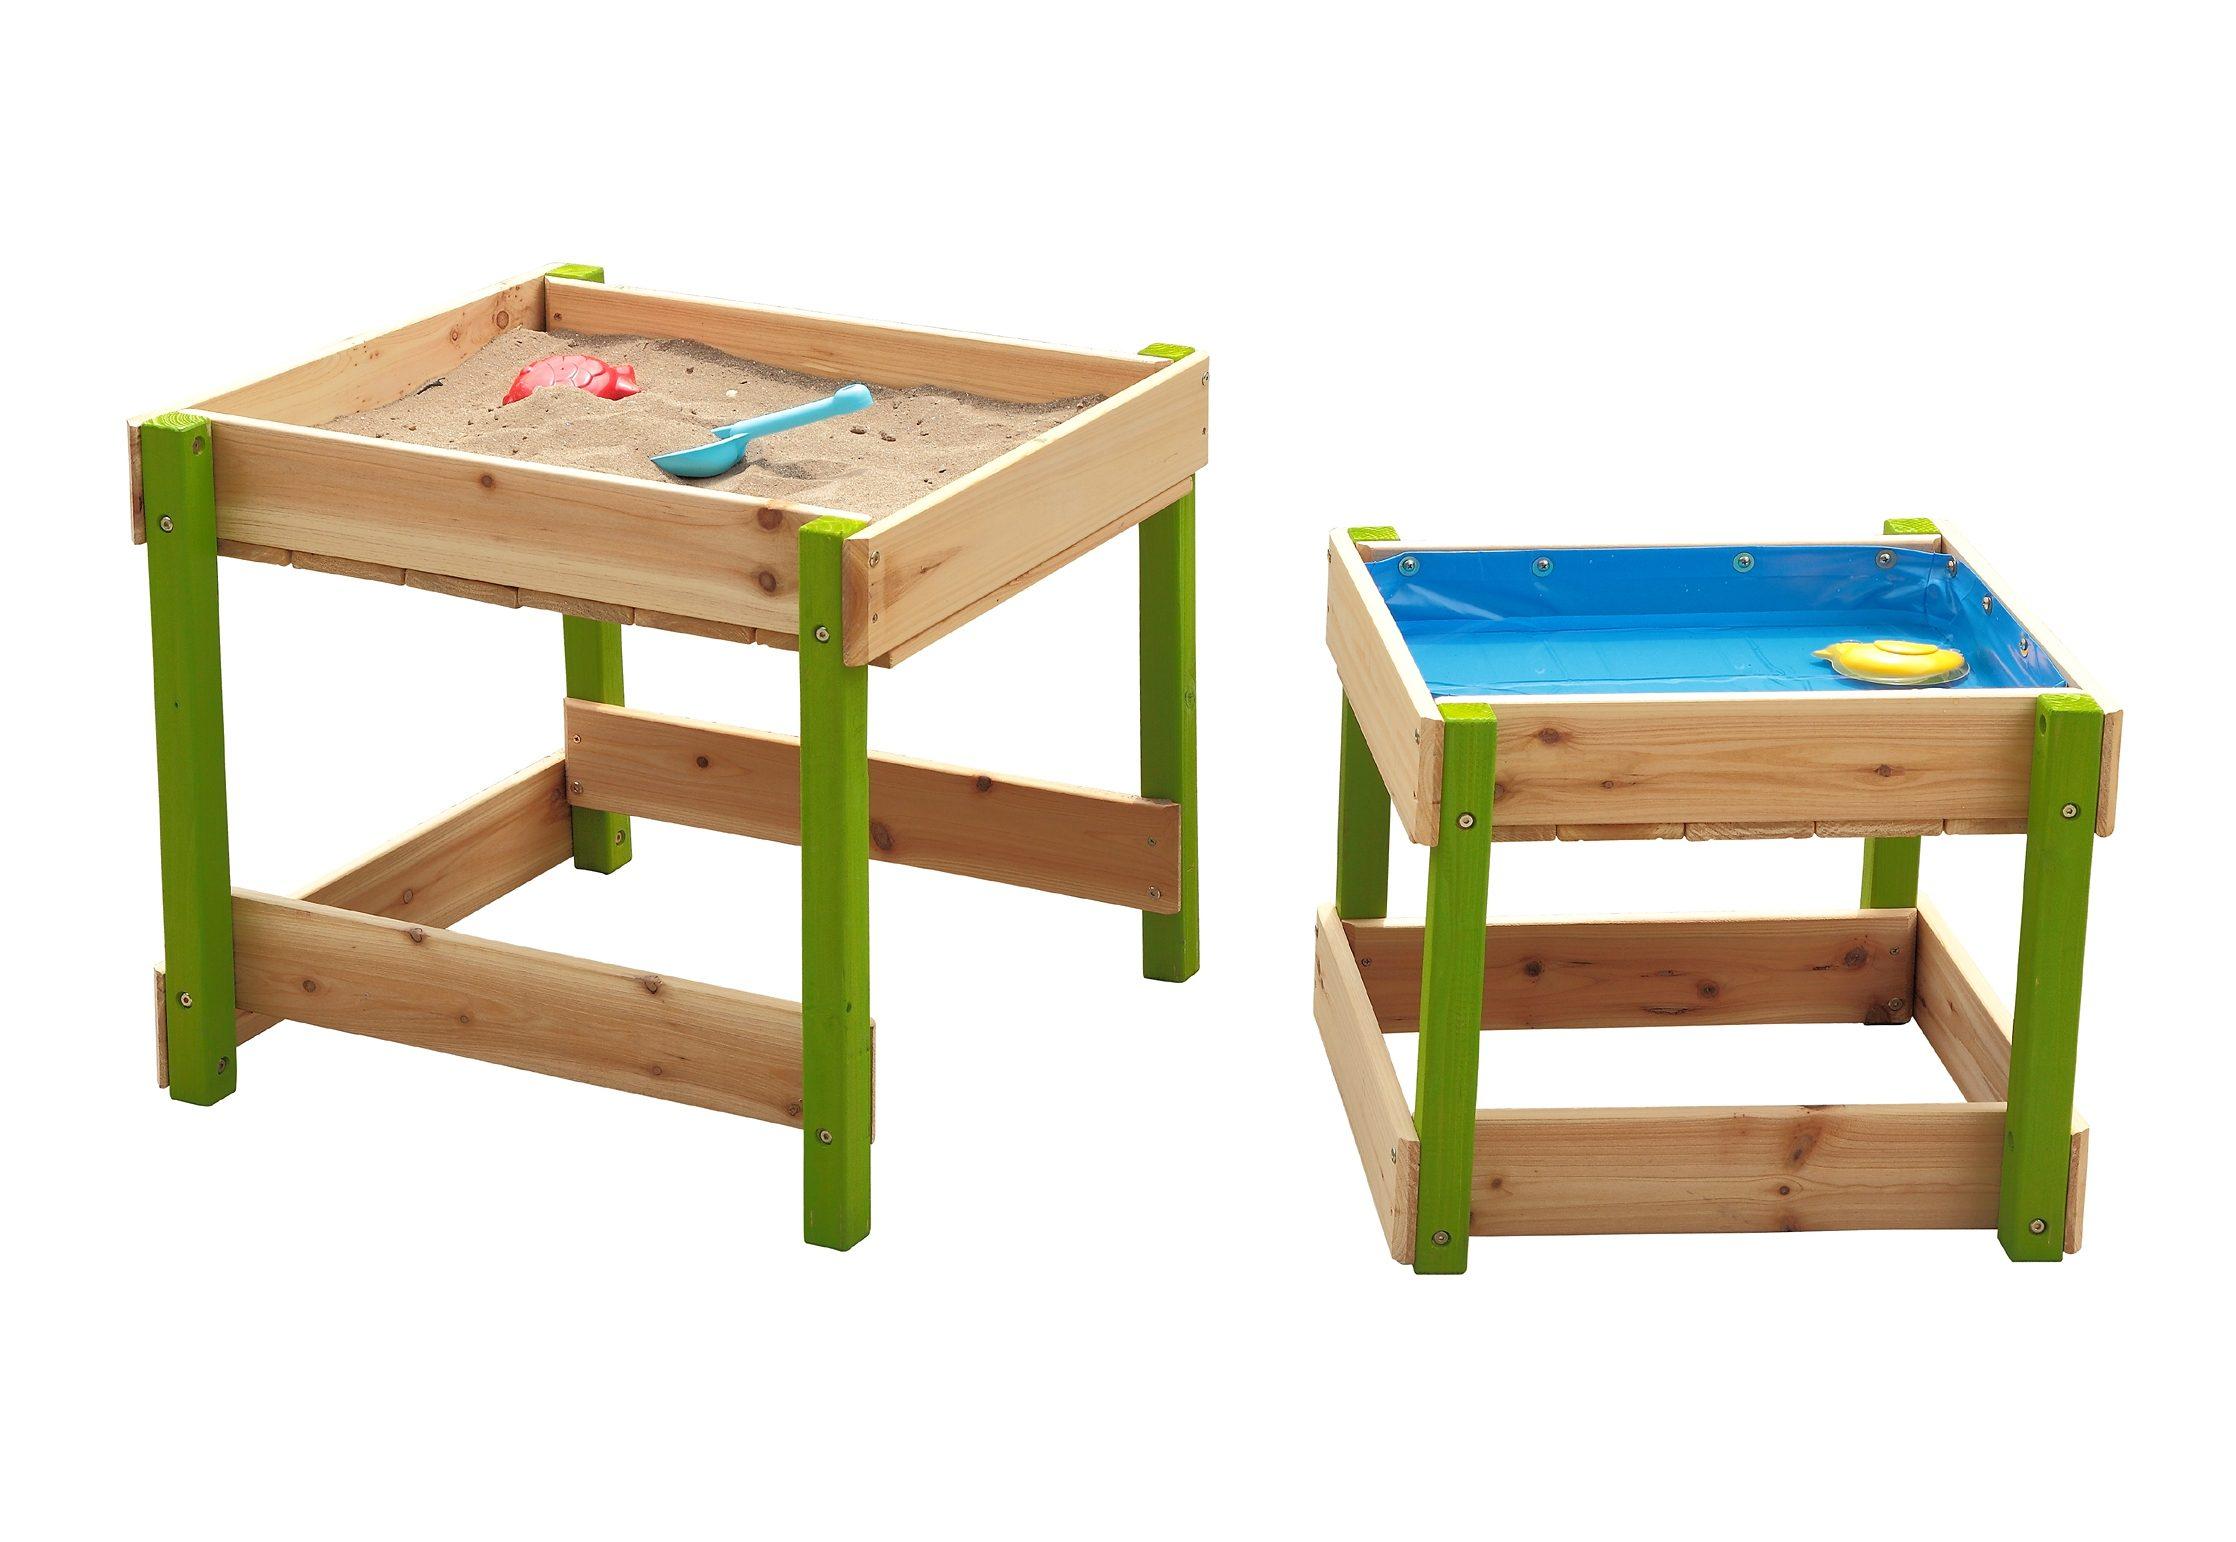 Sun Spieltisch-Set aus Holz für Sand und Wasser mit Abdeckplane, natur-grün